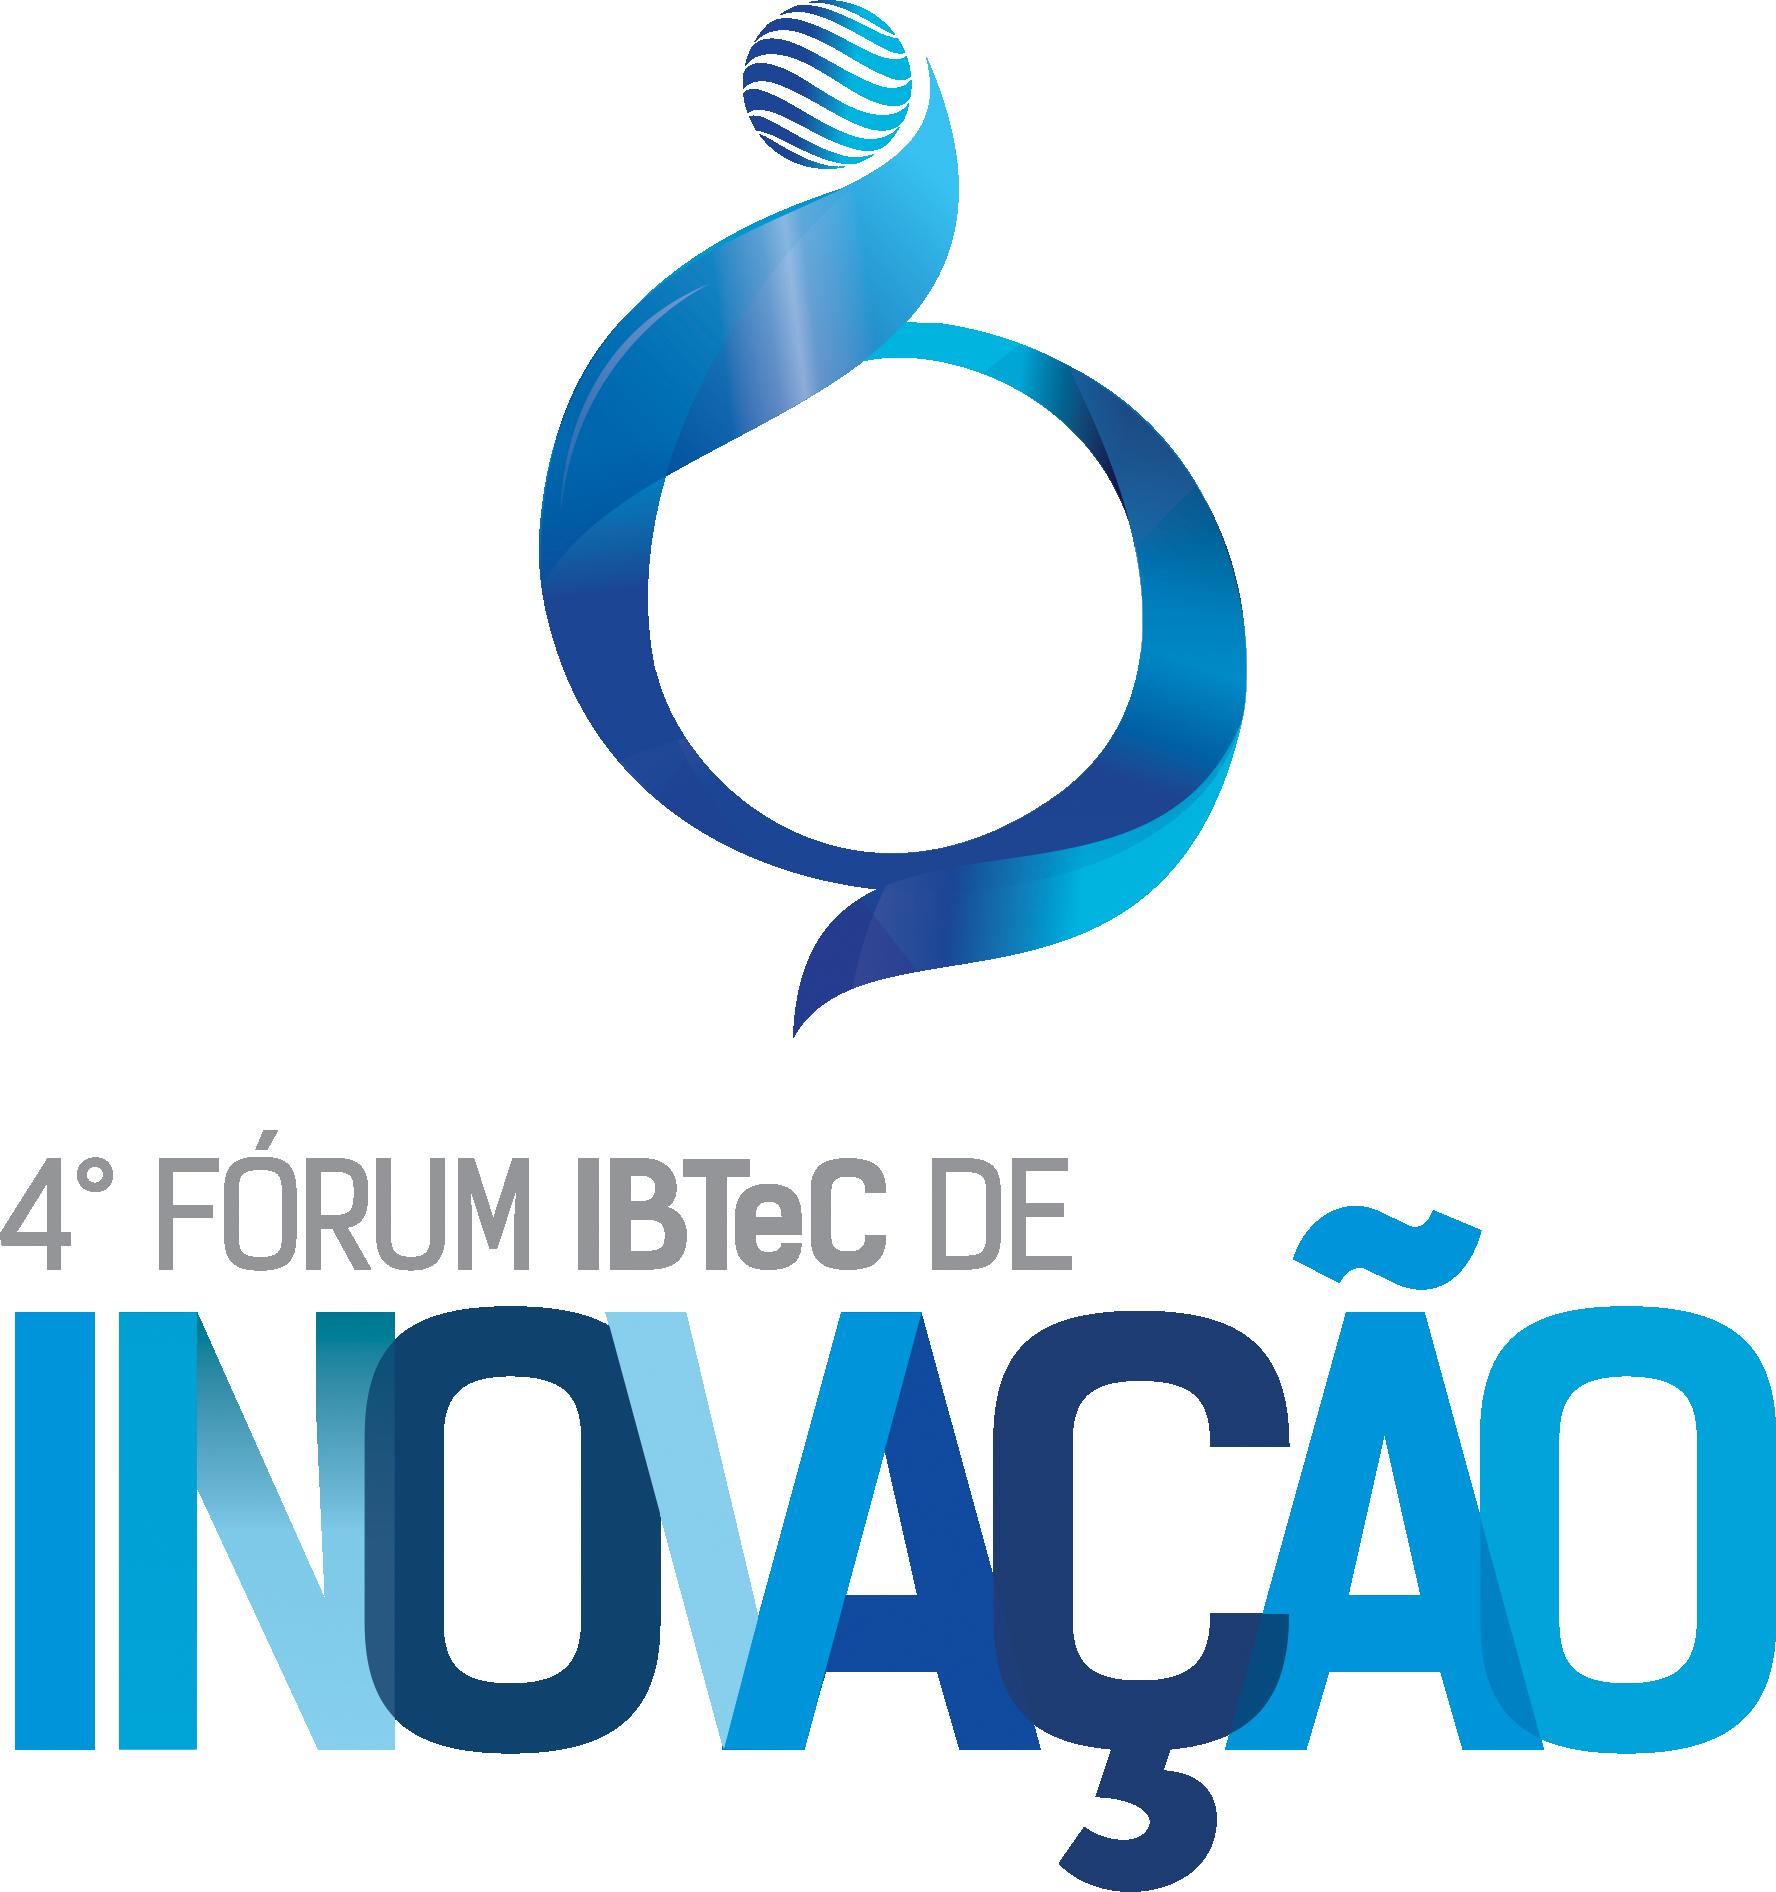 4º Fórum IBTeC de Inovação